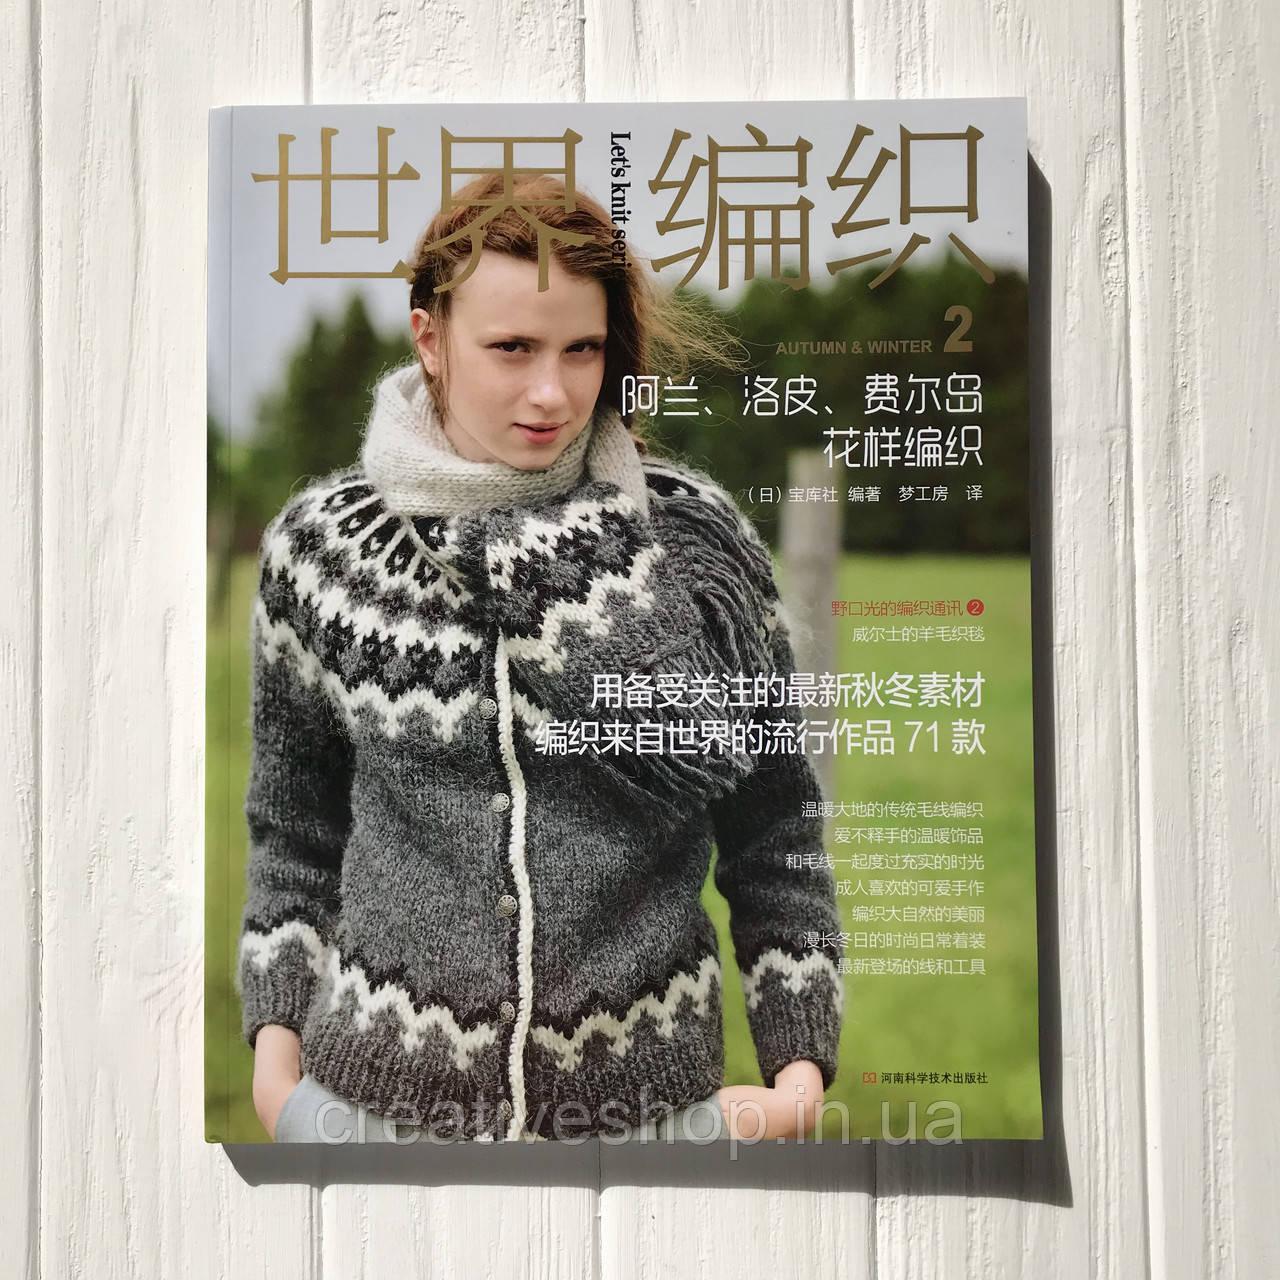 японский журнал по вязанию осень зима 2 продажа цена в одессе